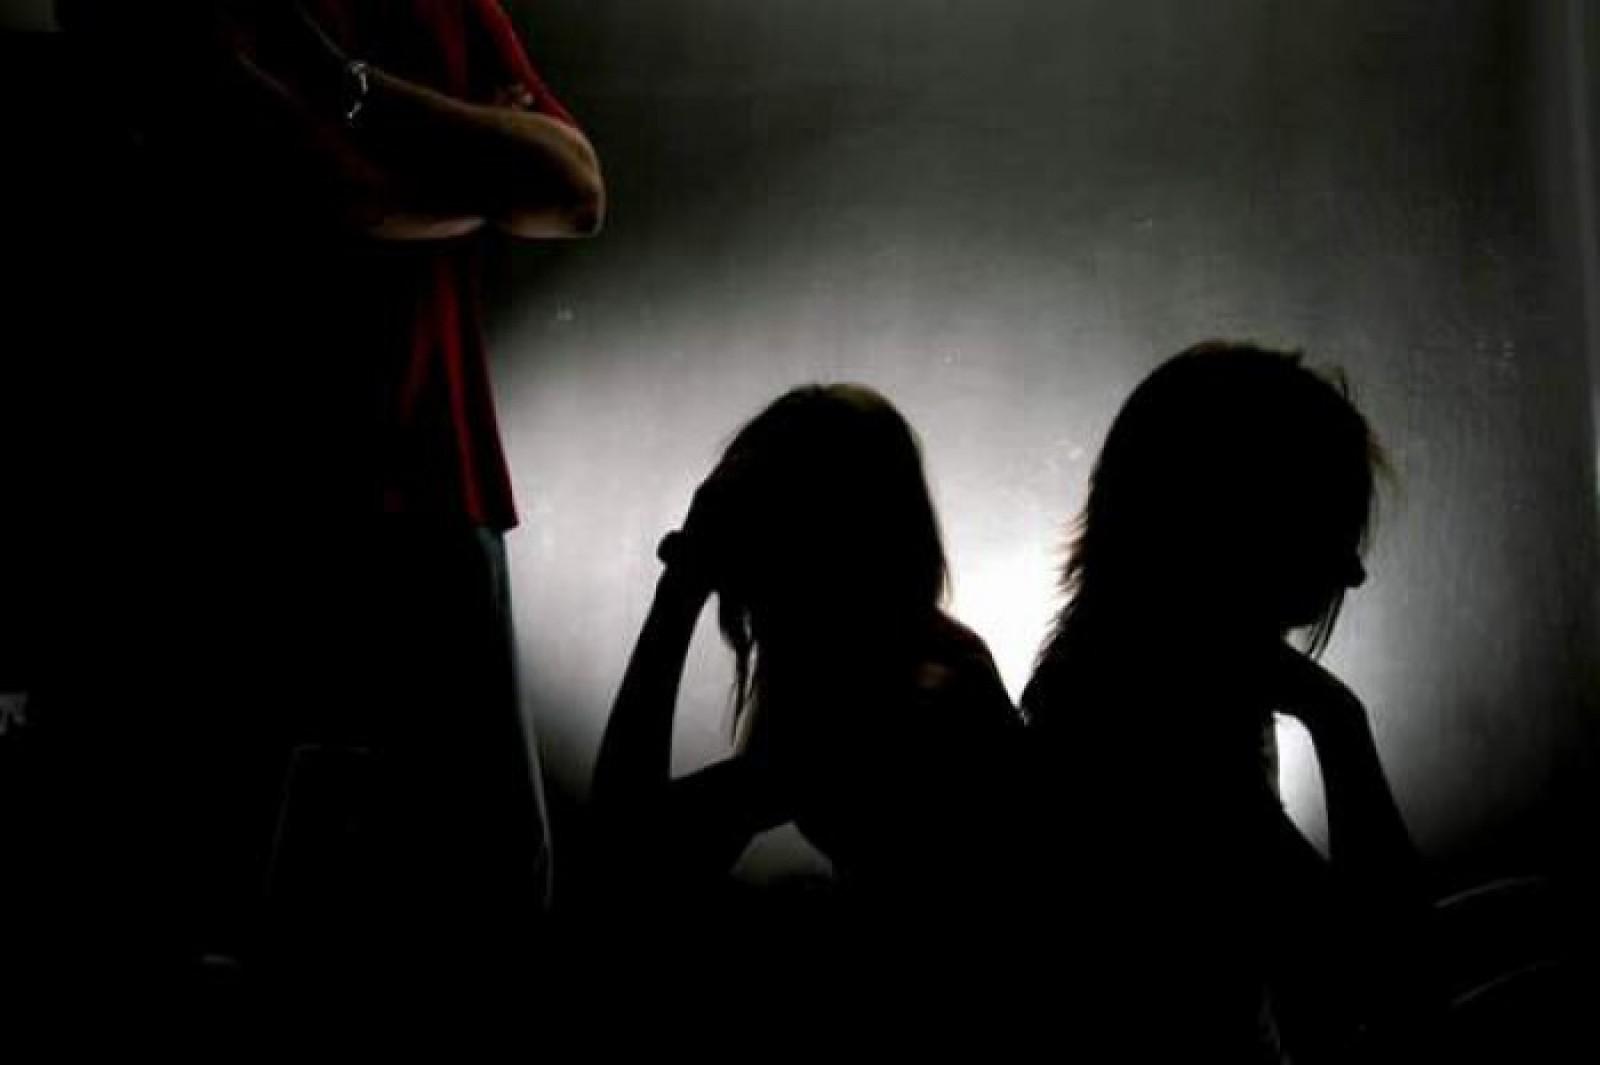 Două femei și trei bărbați, condamnați la ani grei de pușcărie: Recrutau tinere, printre care și minore, pentru practicarea prostituției